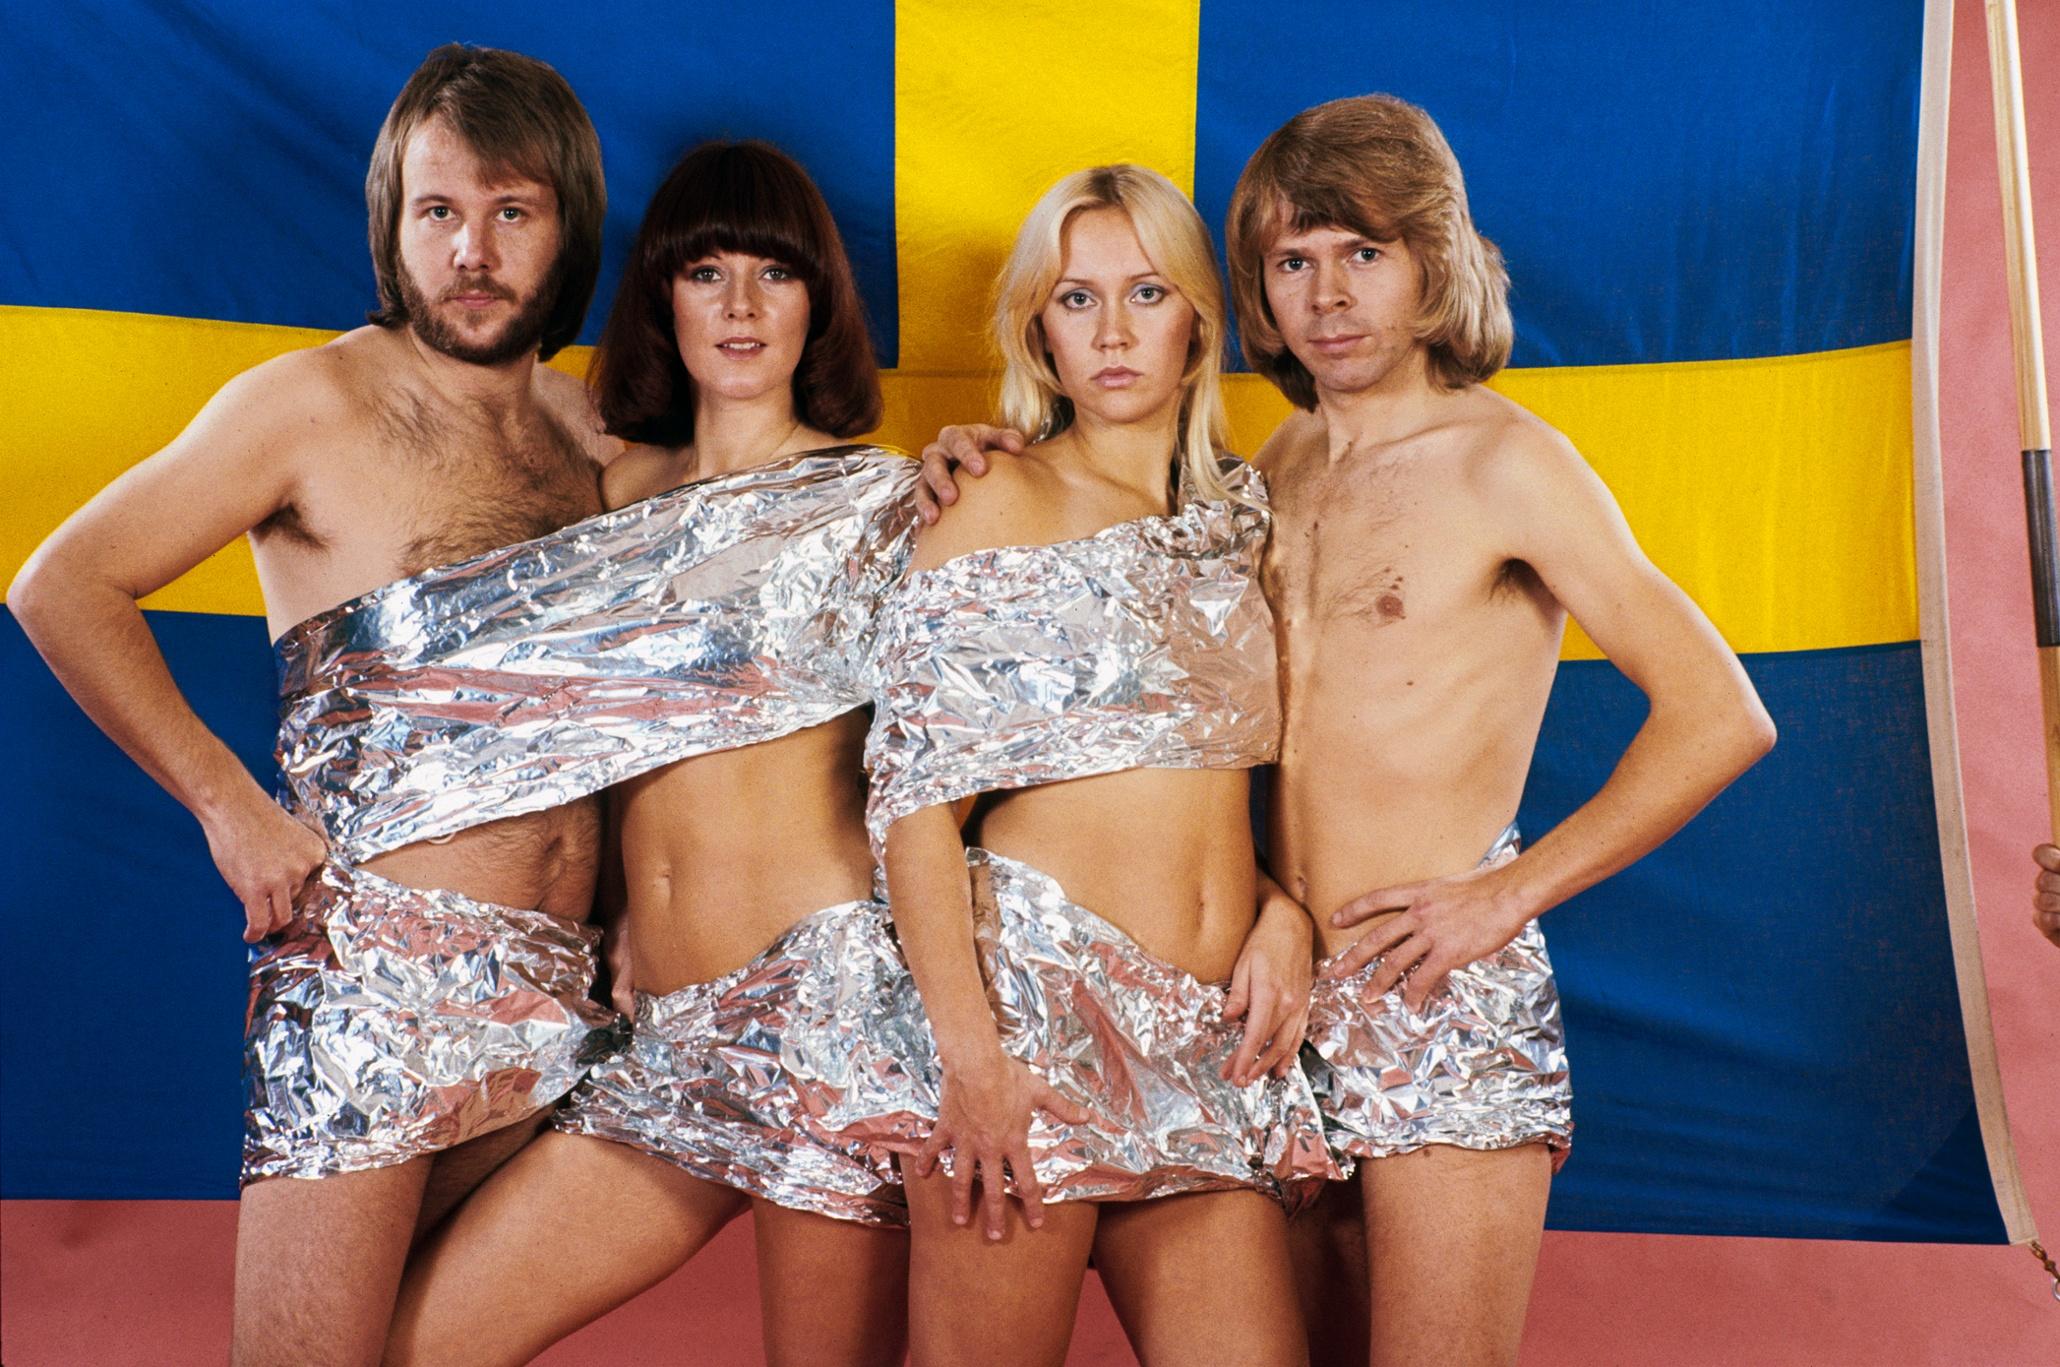 Шведские семьи онлайн 15 фотография